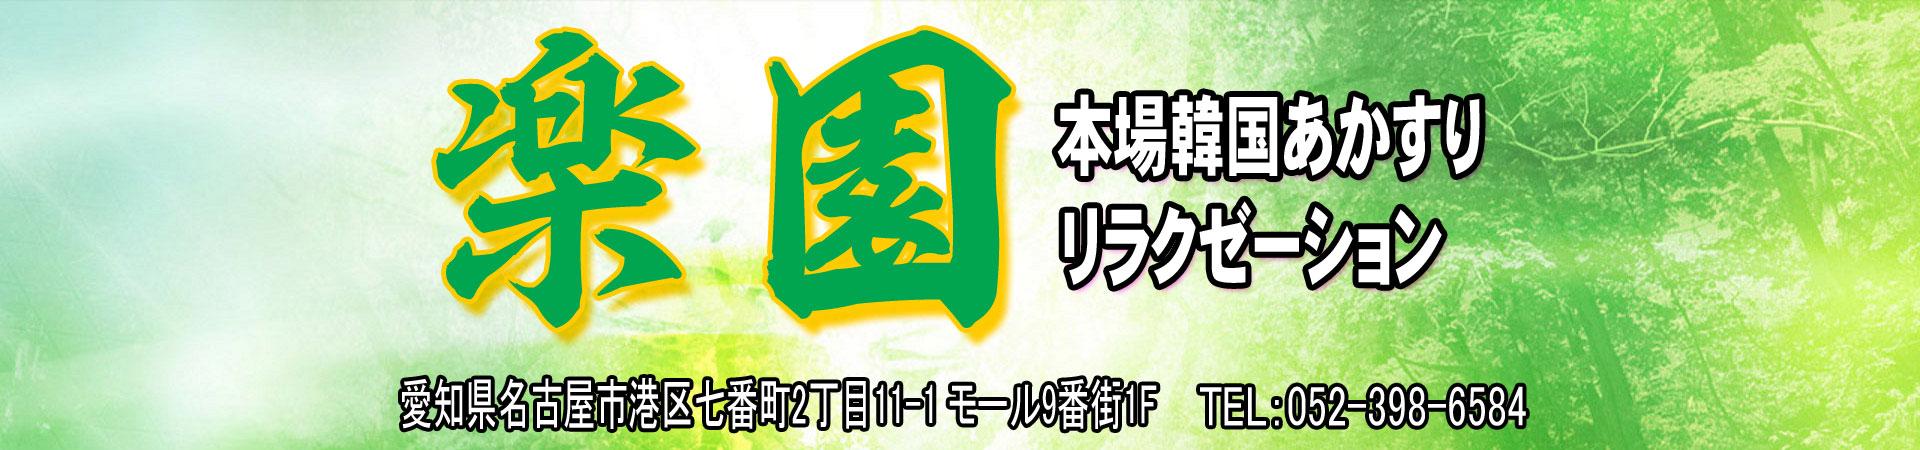 【楽園】名古屋/港区